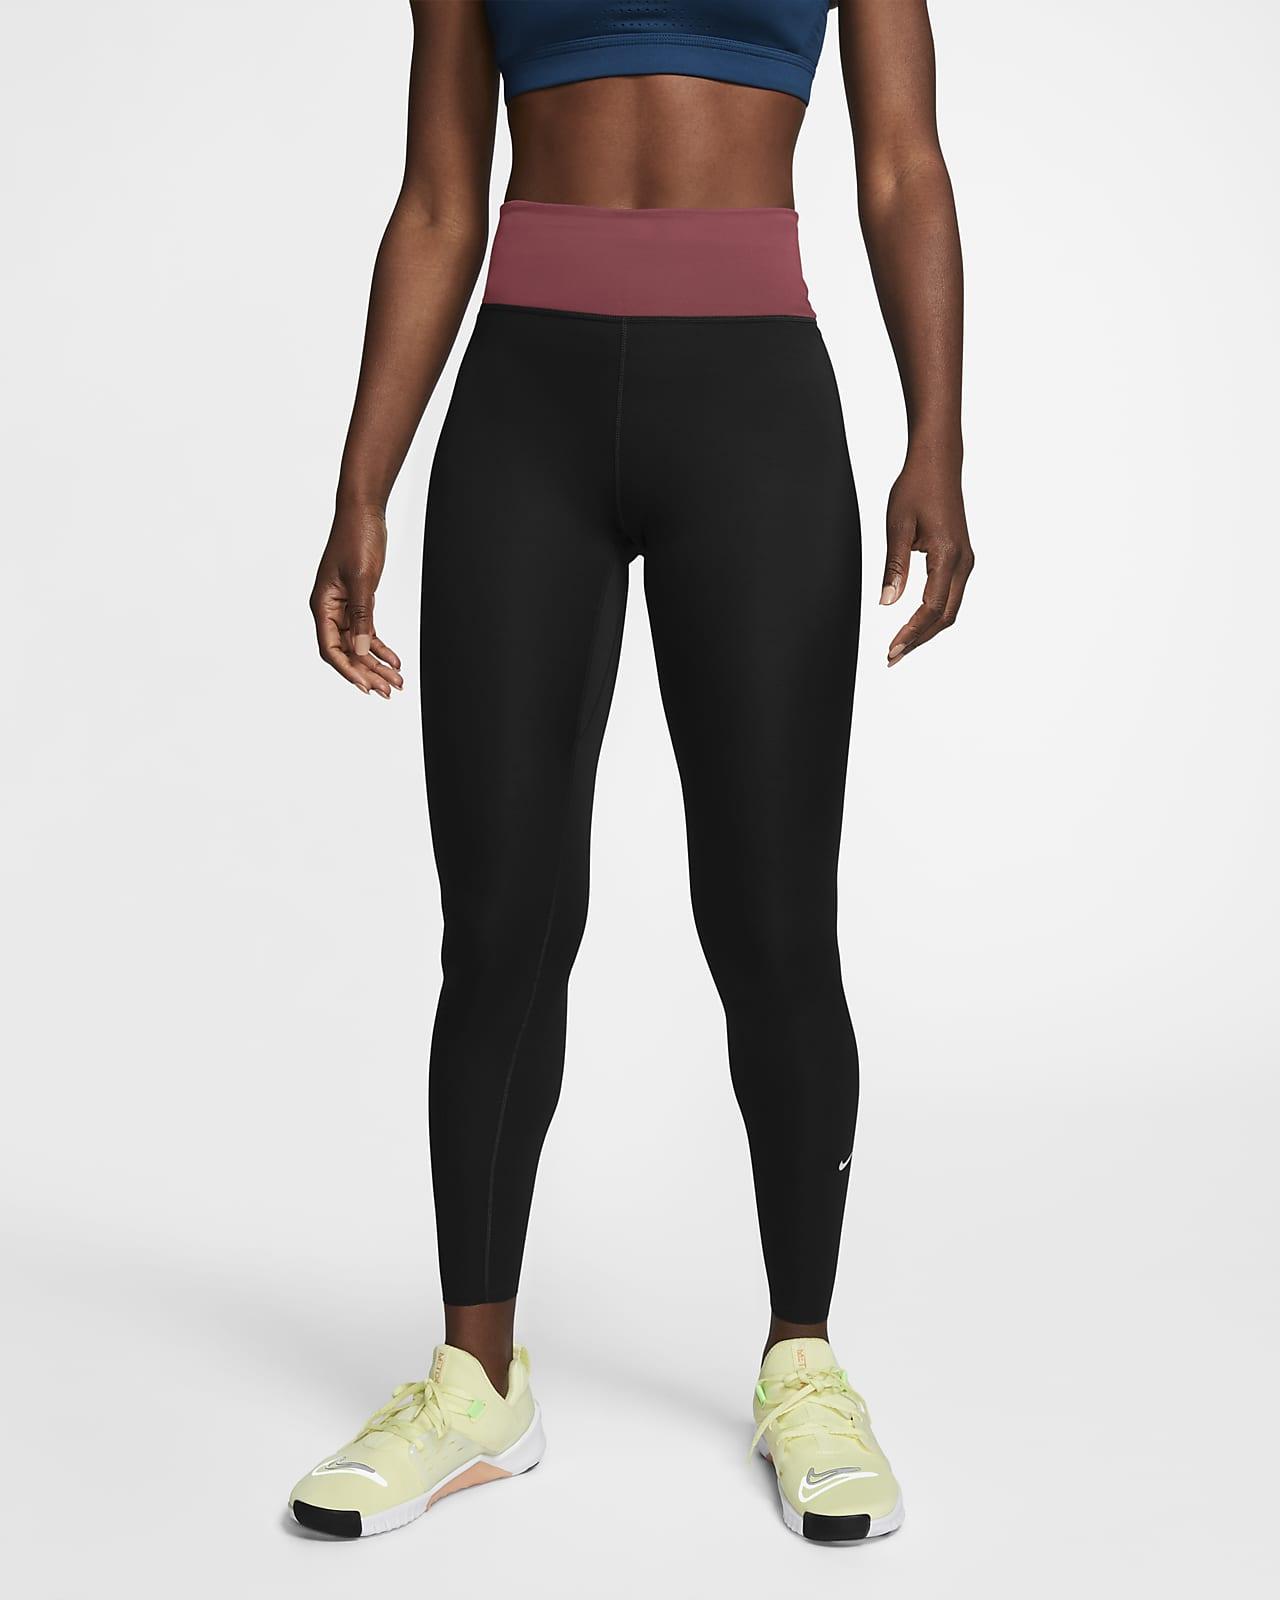 Женские леггинсы со средней посадкой Nike One Luxe